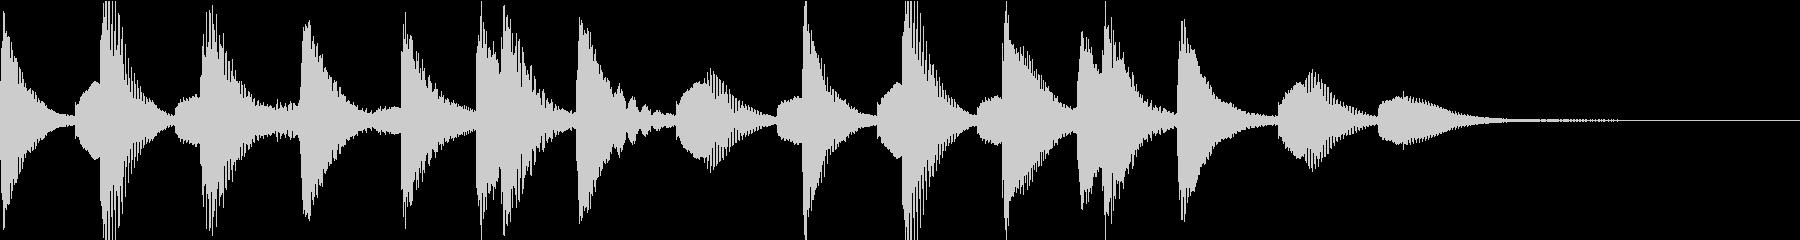 マリンバ短めジングル アイキャッチの未再生の波形